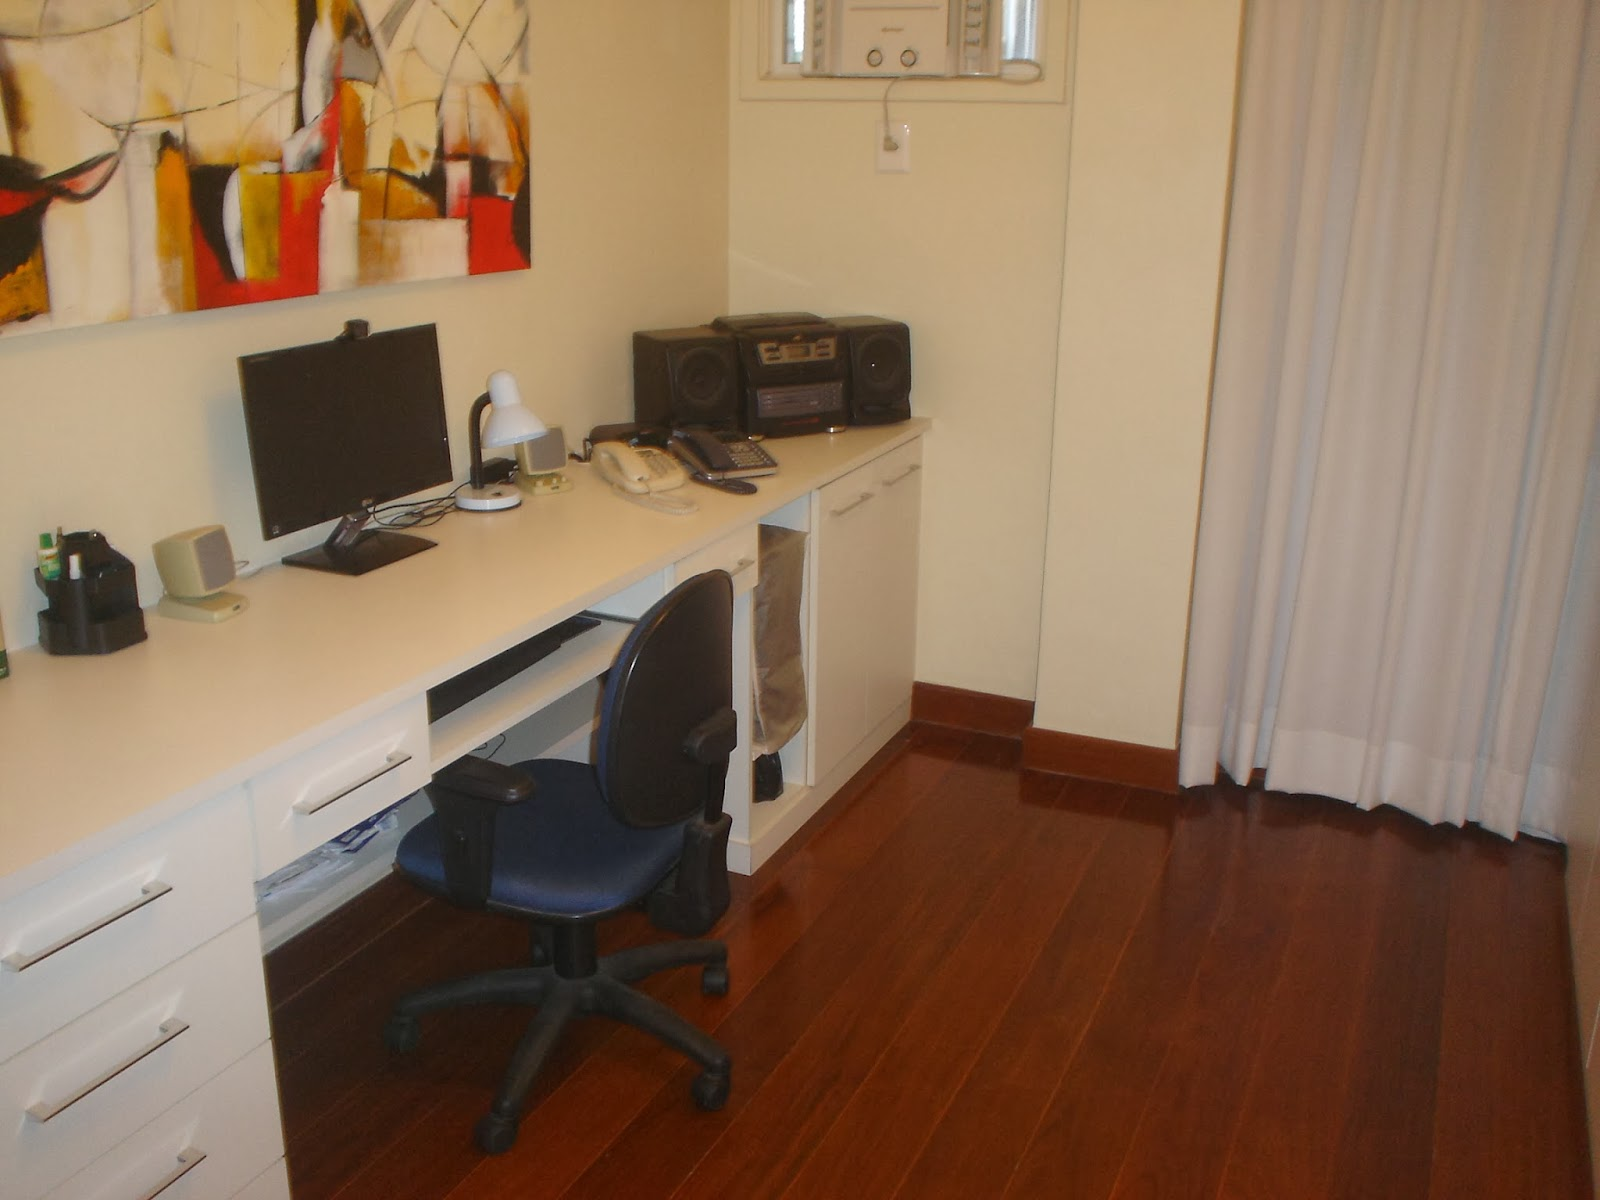 2º QUARTO HOME OFFICE com ampla bancada de escritório de 2 9 metros  #B82B0D 1600x1200 Bancada Banheiro Rj